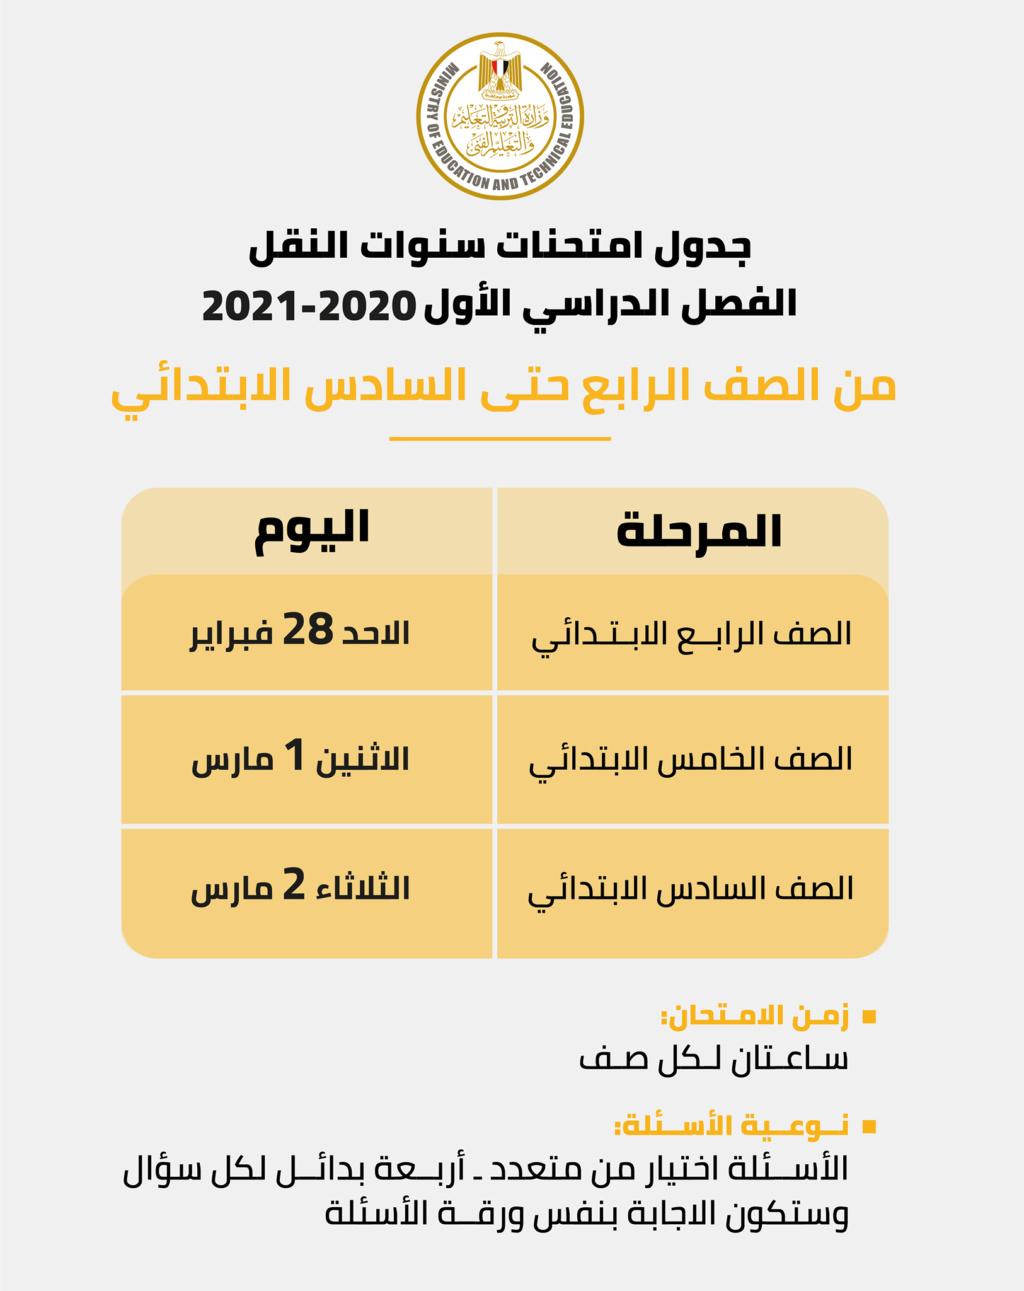 تفاصيل امتحانات العام الدراسي ٢٠٢٠-٢٠٢١ لكل المراحل 1296